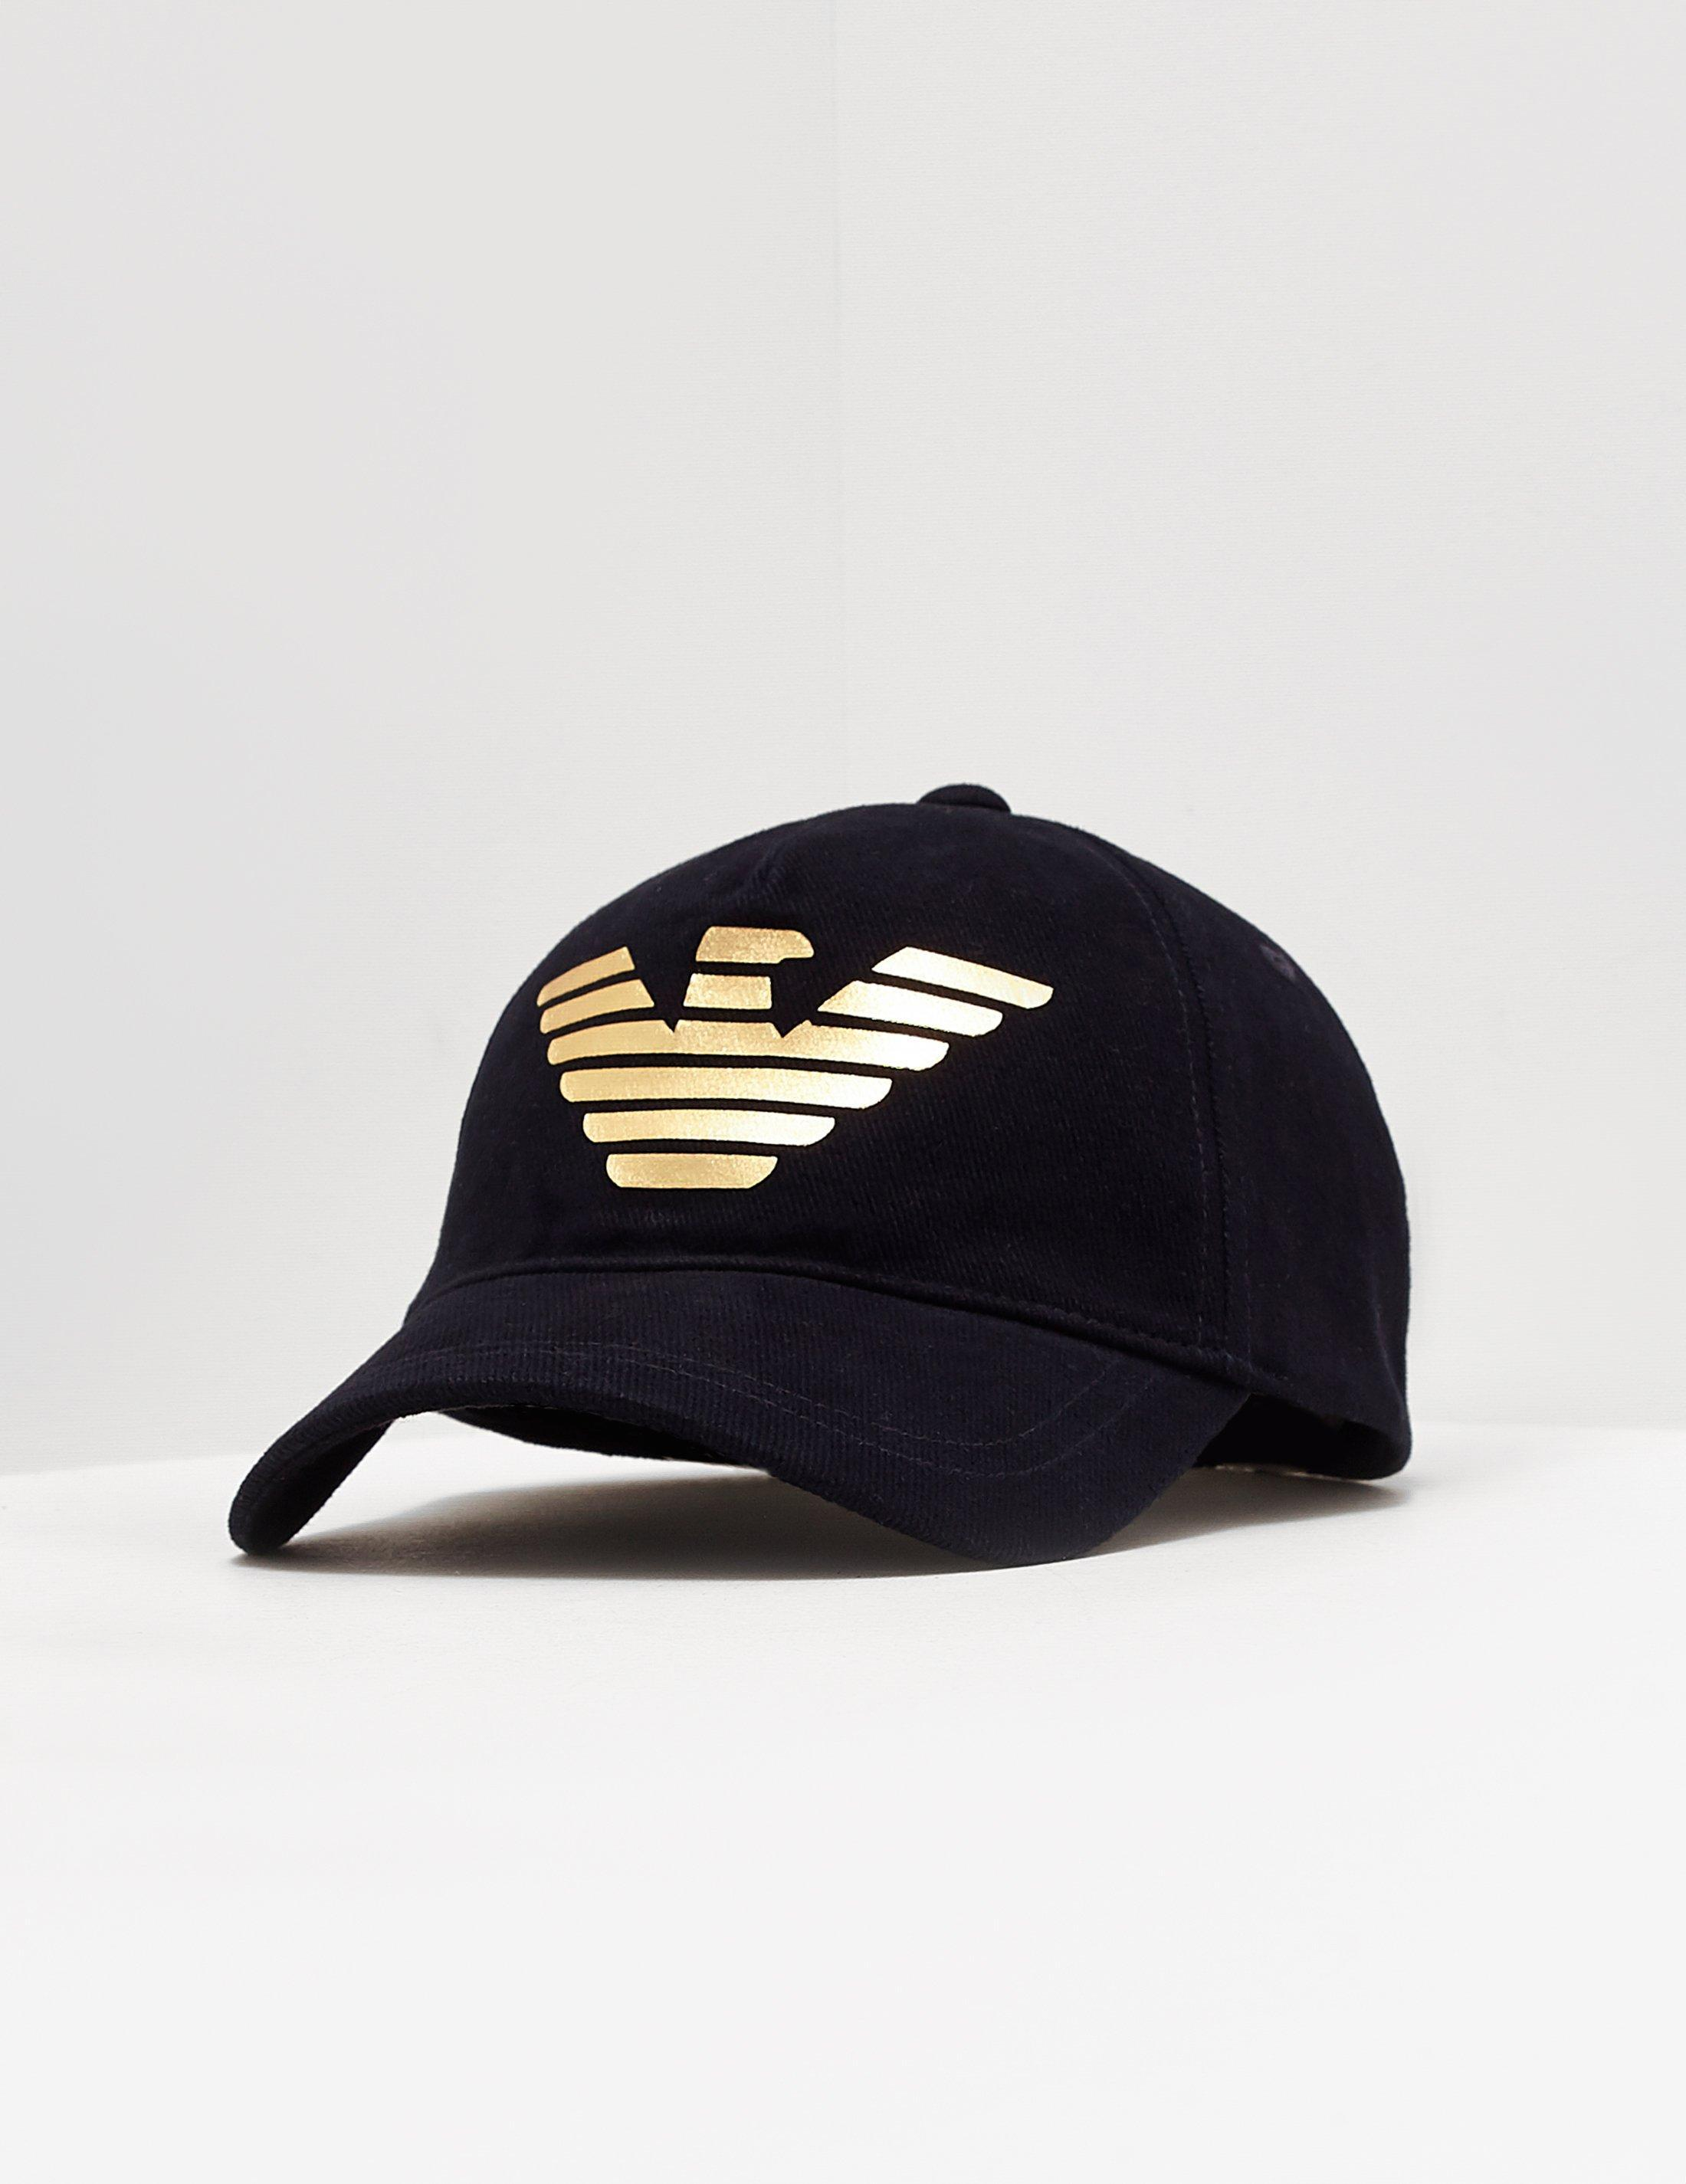 81698af237483 Emporio Armani Foil Eagle Cap Navy Blue in Blue for Men - Lyst